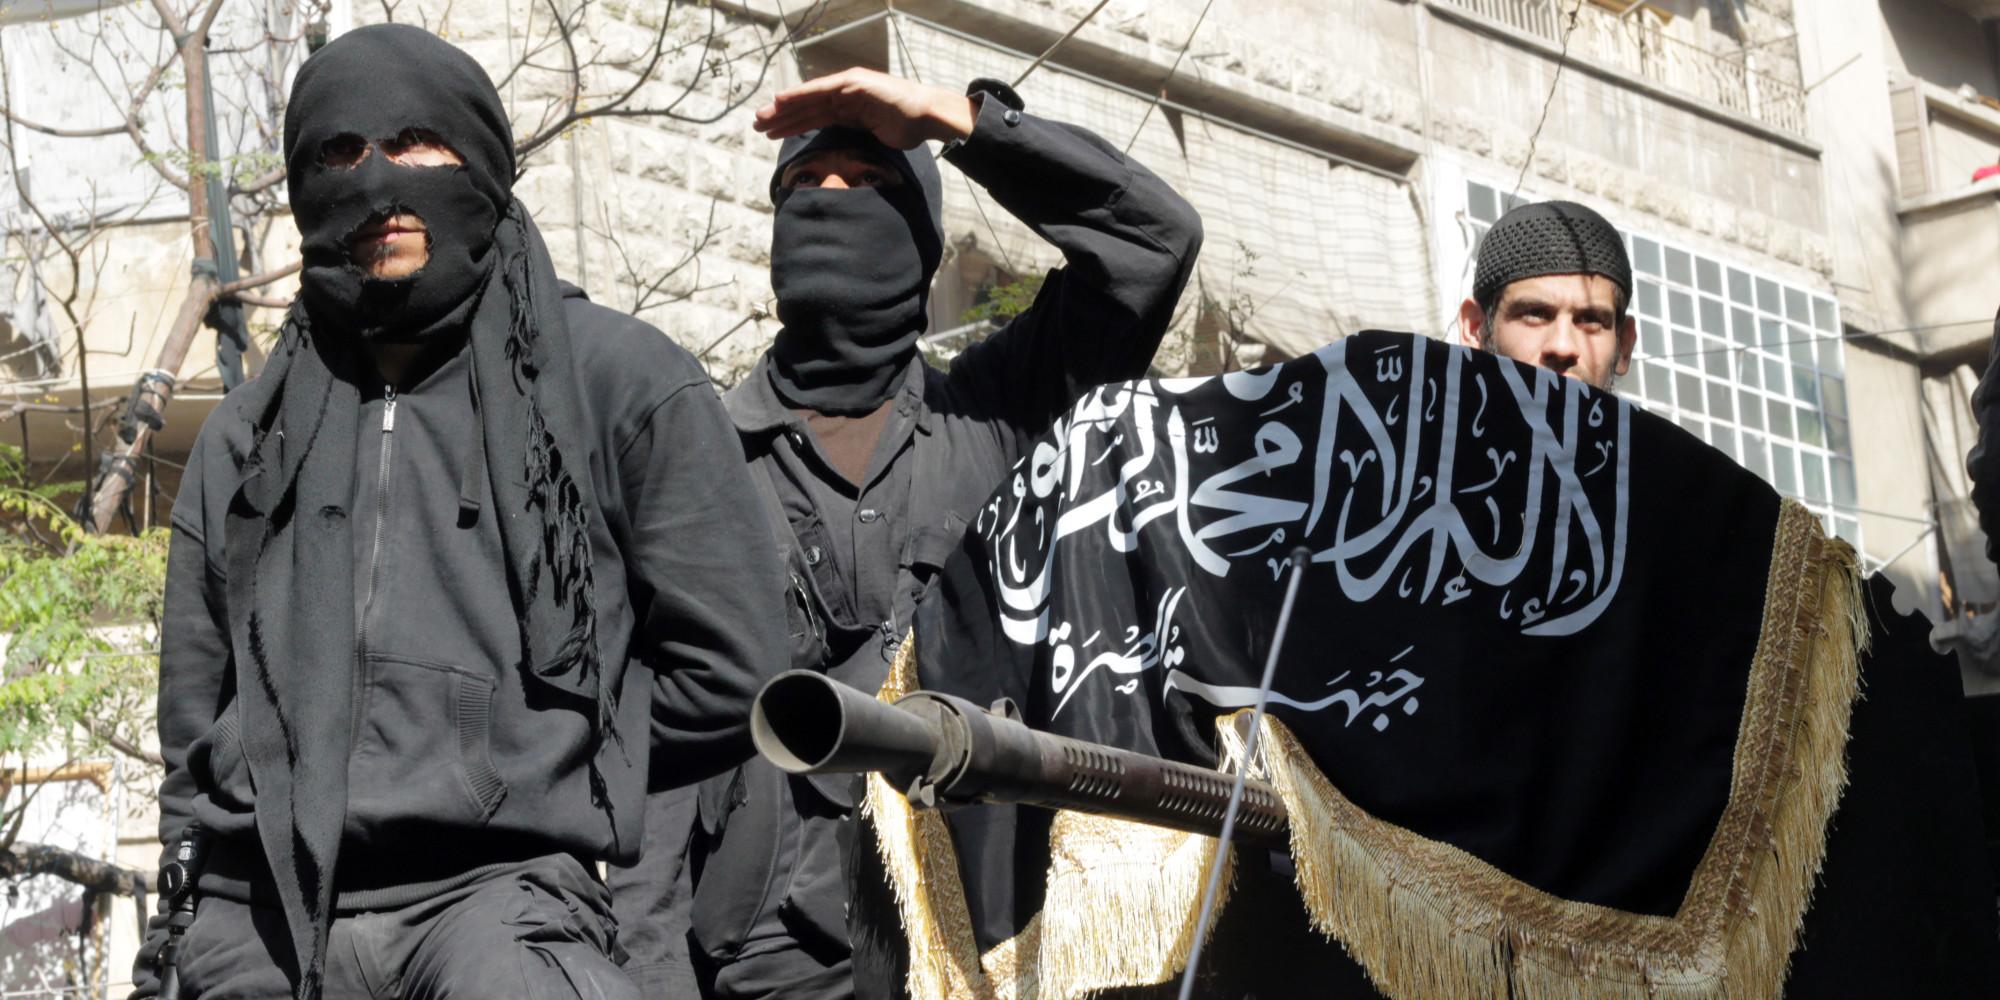 """El Nusra'dan tehdit: """"Aleviler ve Şiiler Suriye'de kazanırsa, savaş tüm bölgeye yayılır"""""""